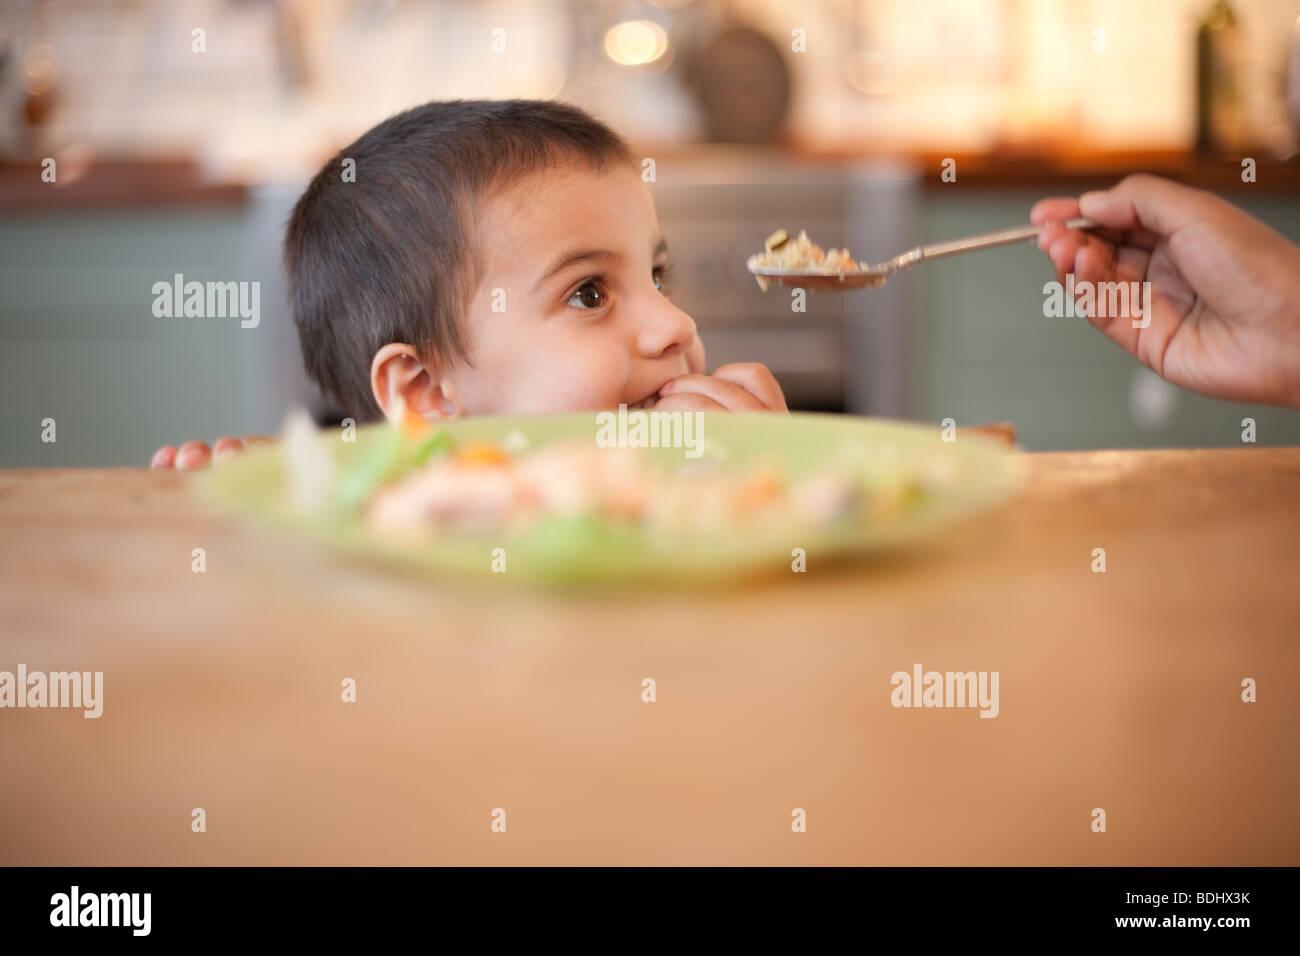 3 anno vecchio ragazzo seduto a tavola con la mano il contenimento di cibo sul cucchiaio Immagini Stock